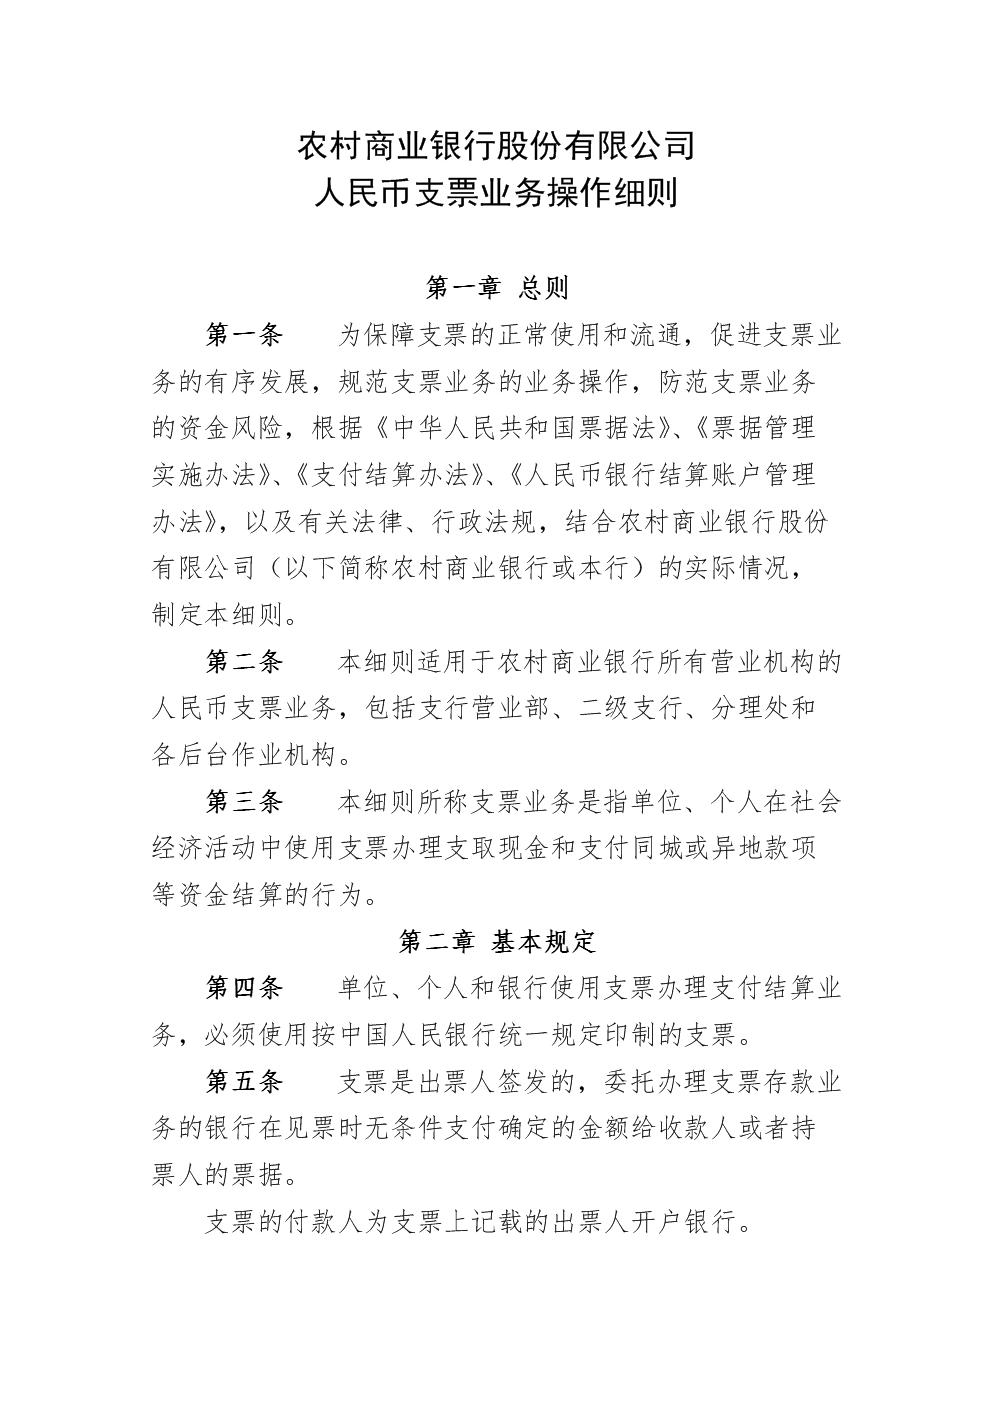 银行民币支票业务操作细则模版.docx